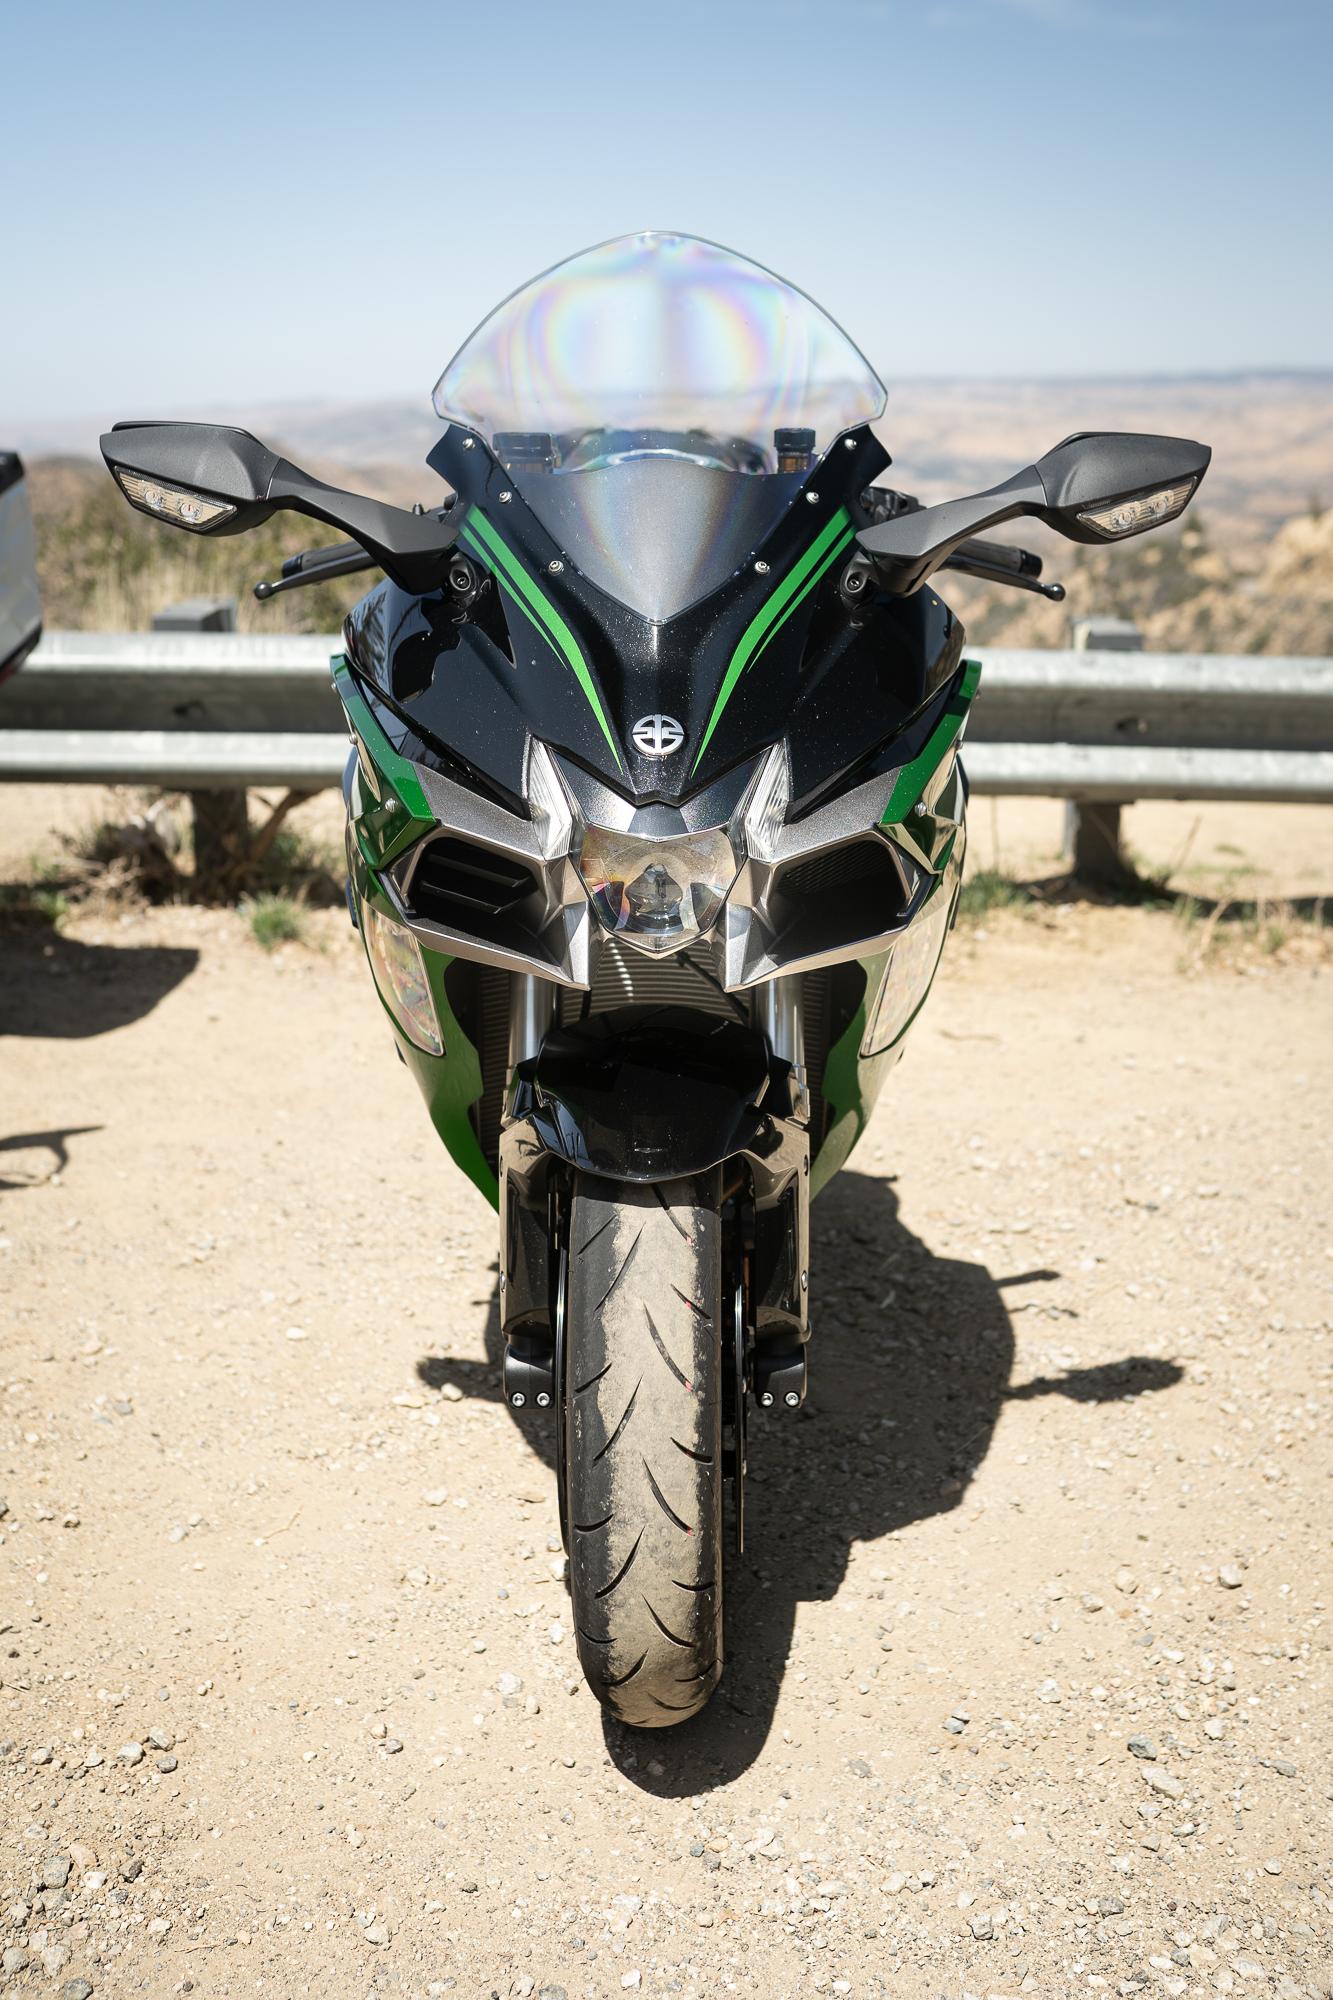 2021 Kawasaki H2 SX-SE front